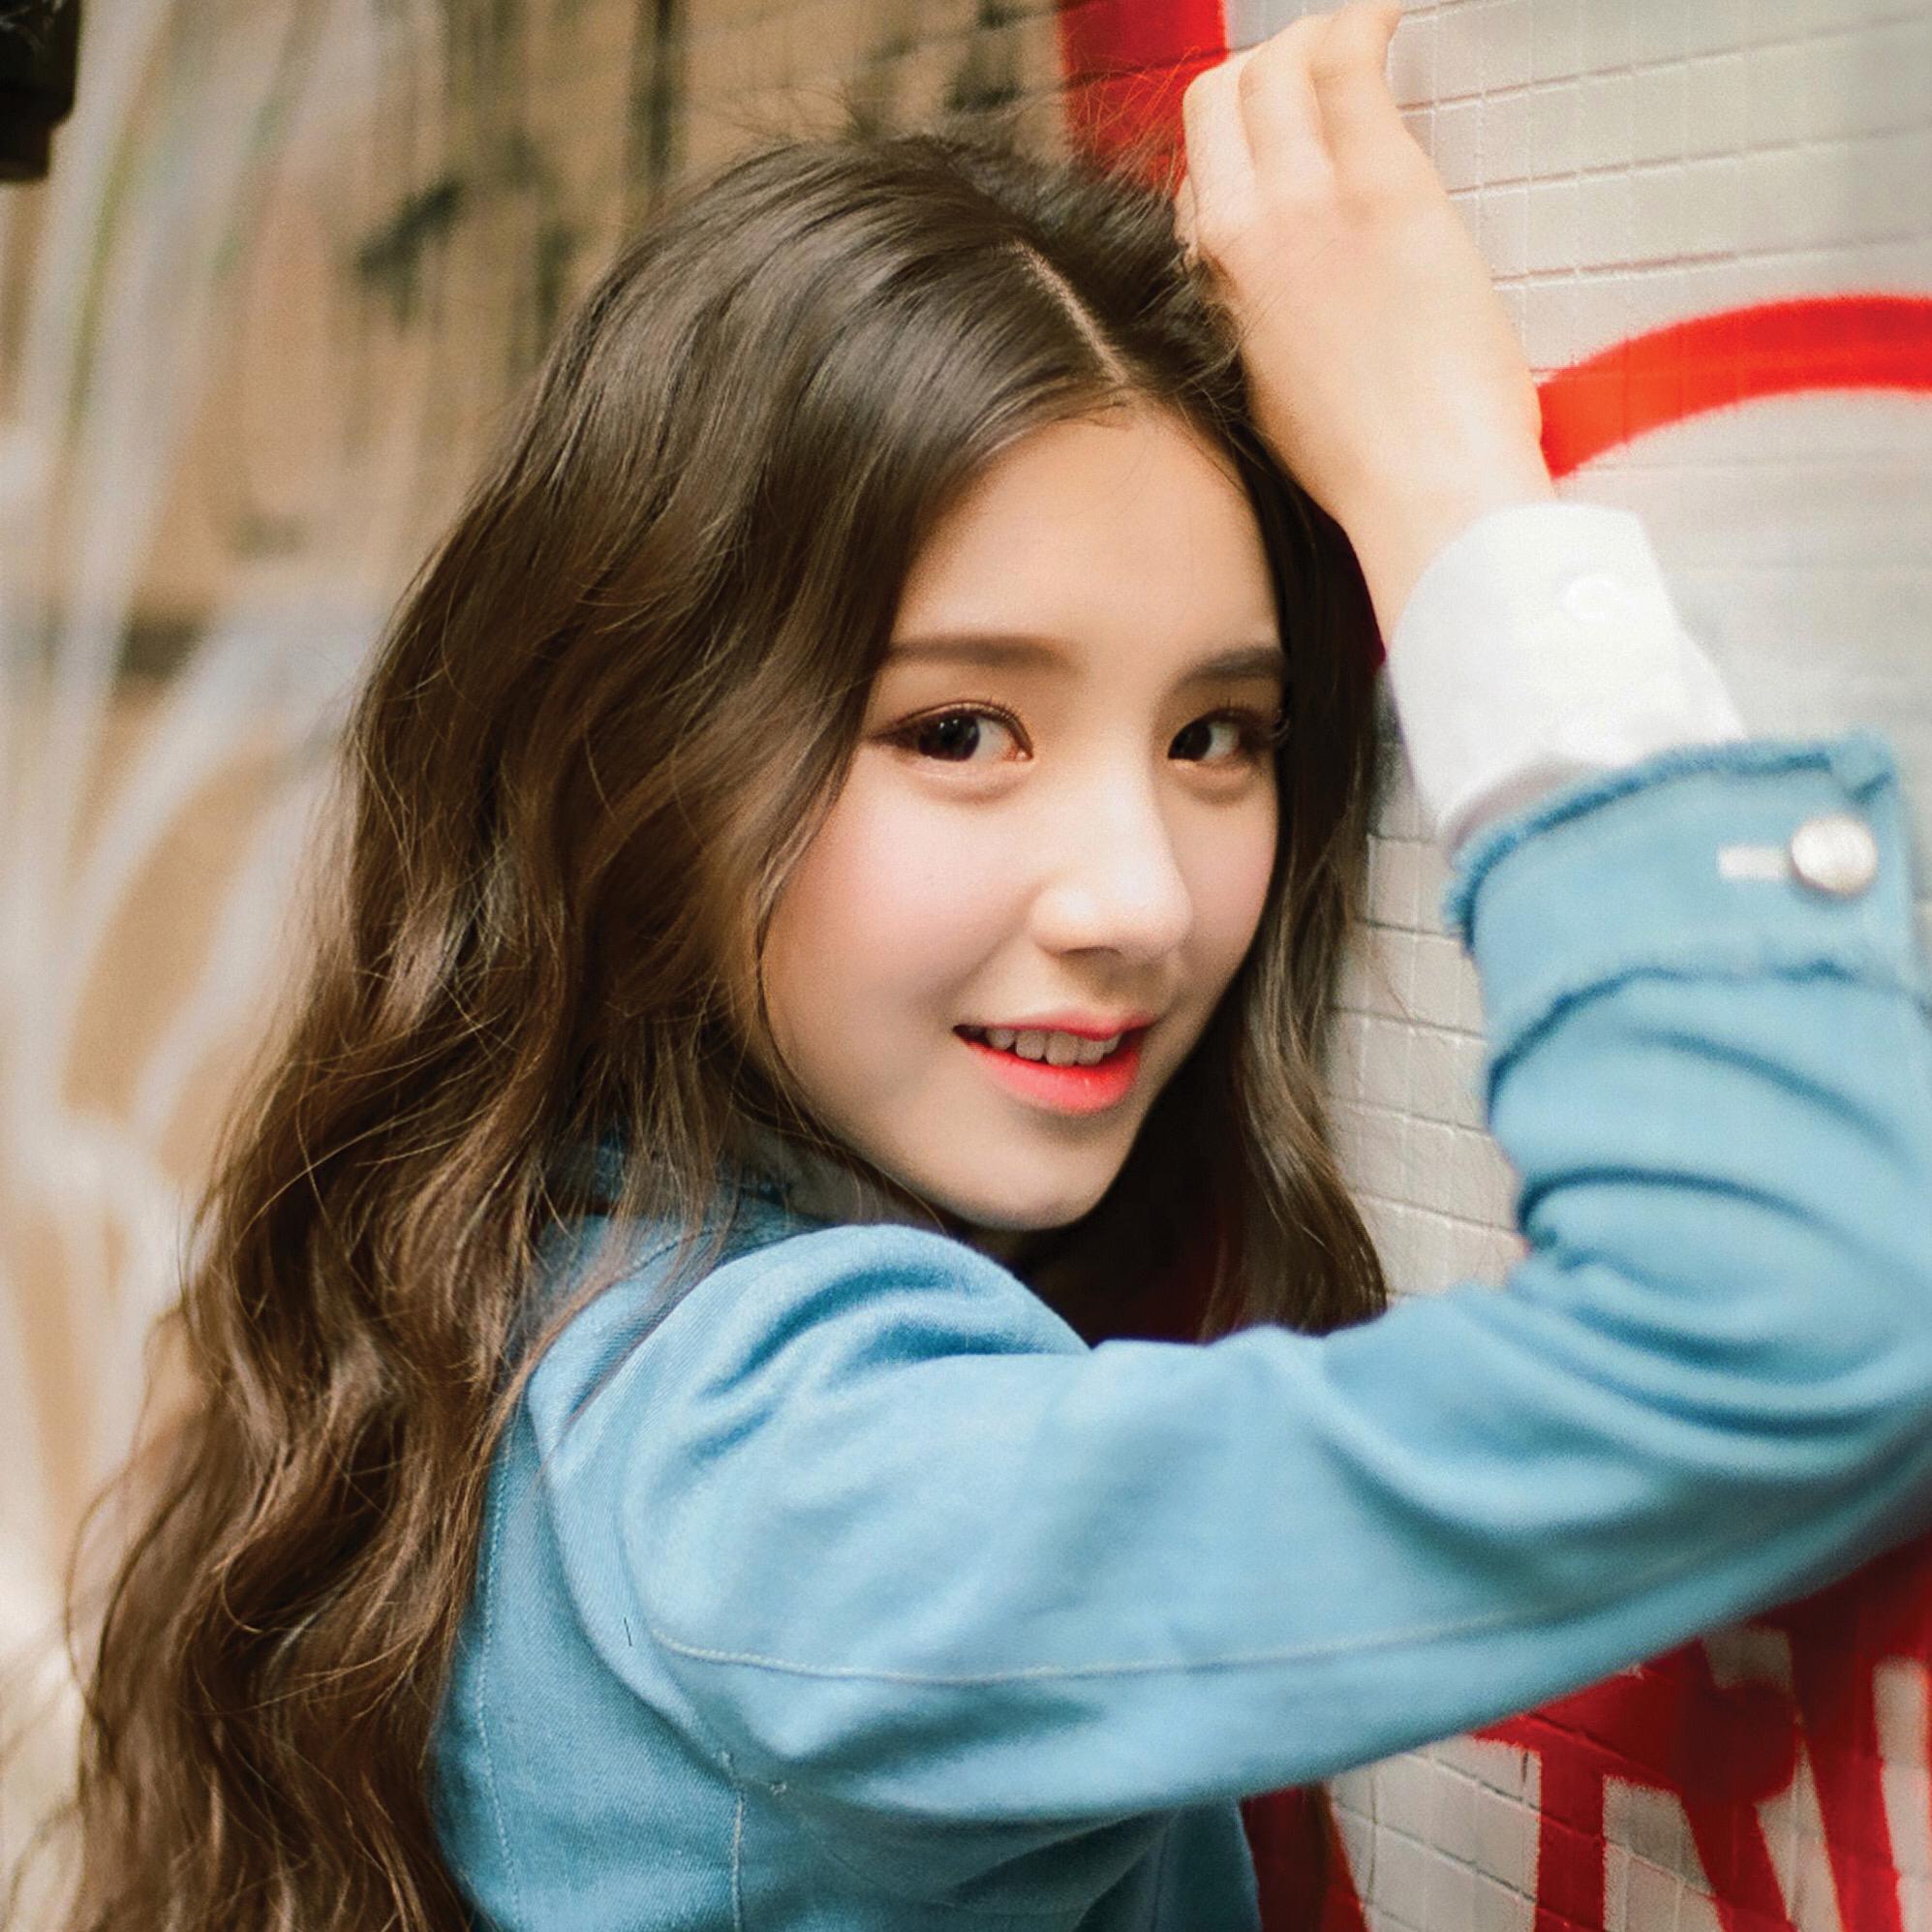 Tóc uốn gợn sóng theo phong cách Hàn Quốc